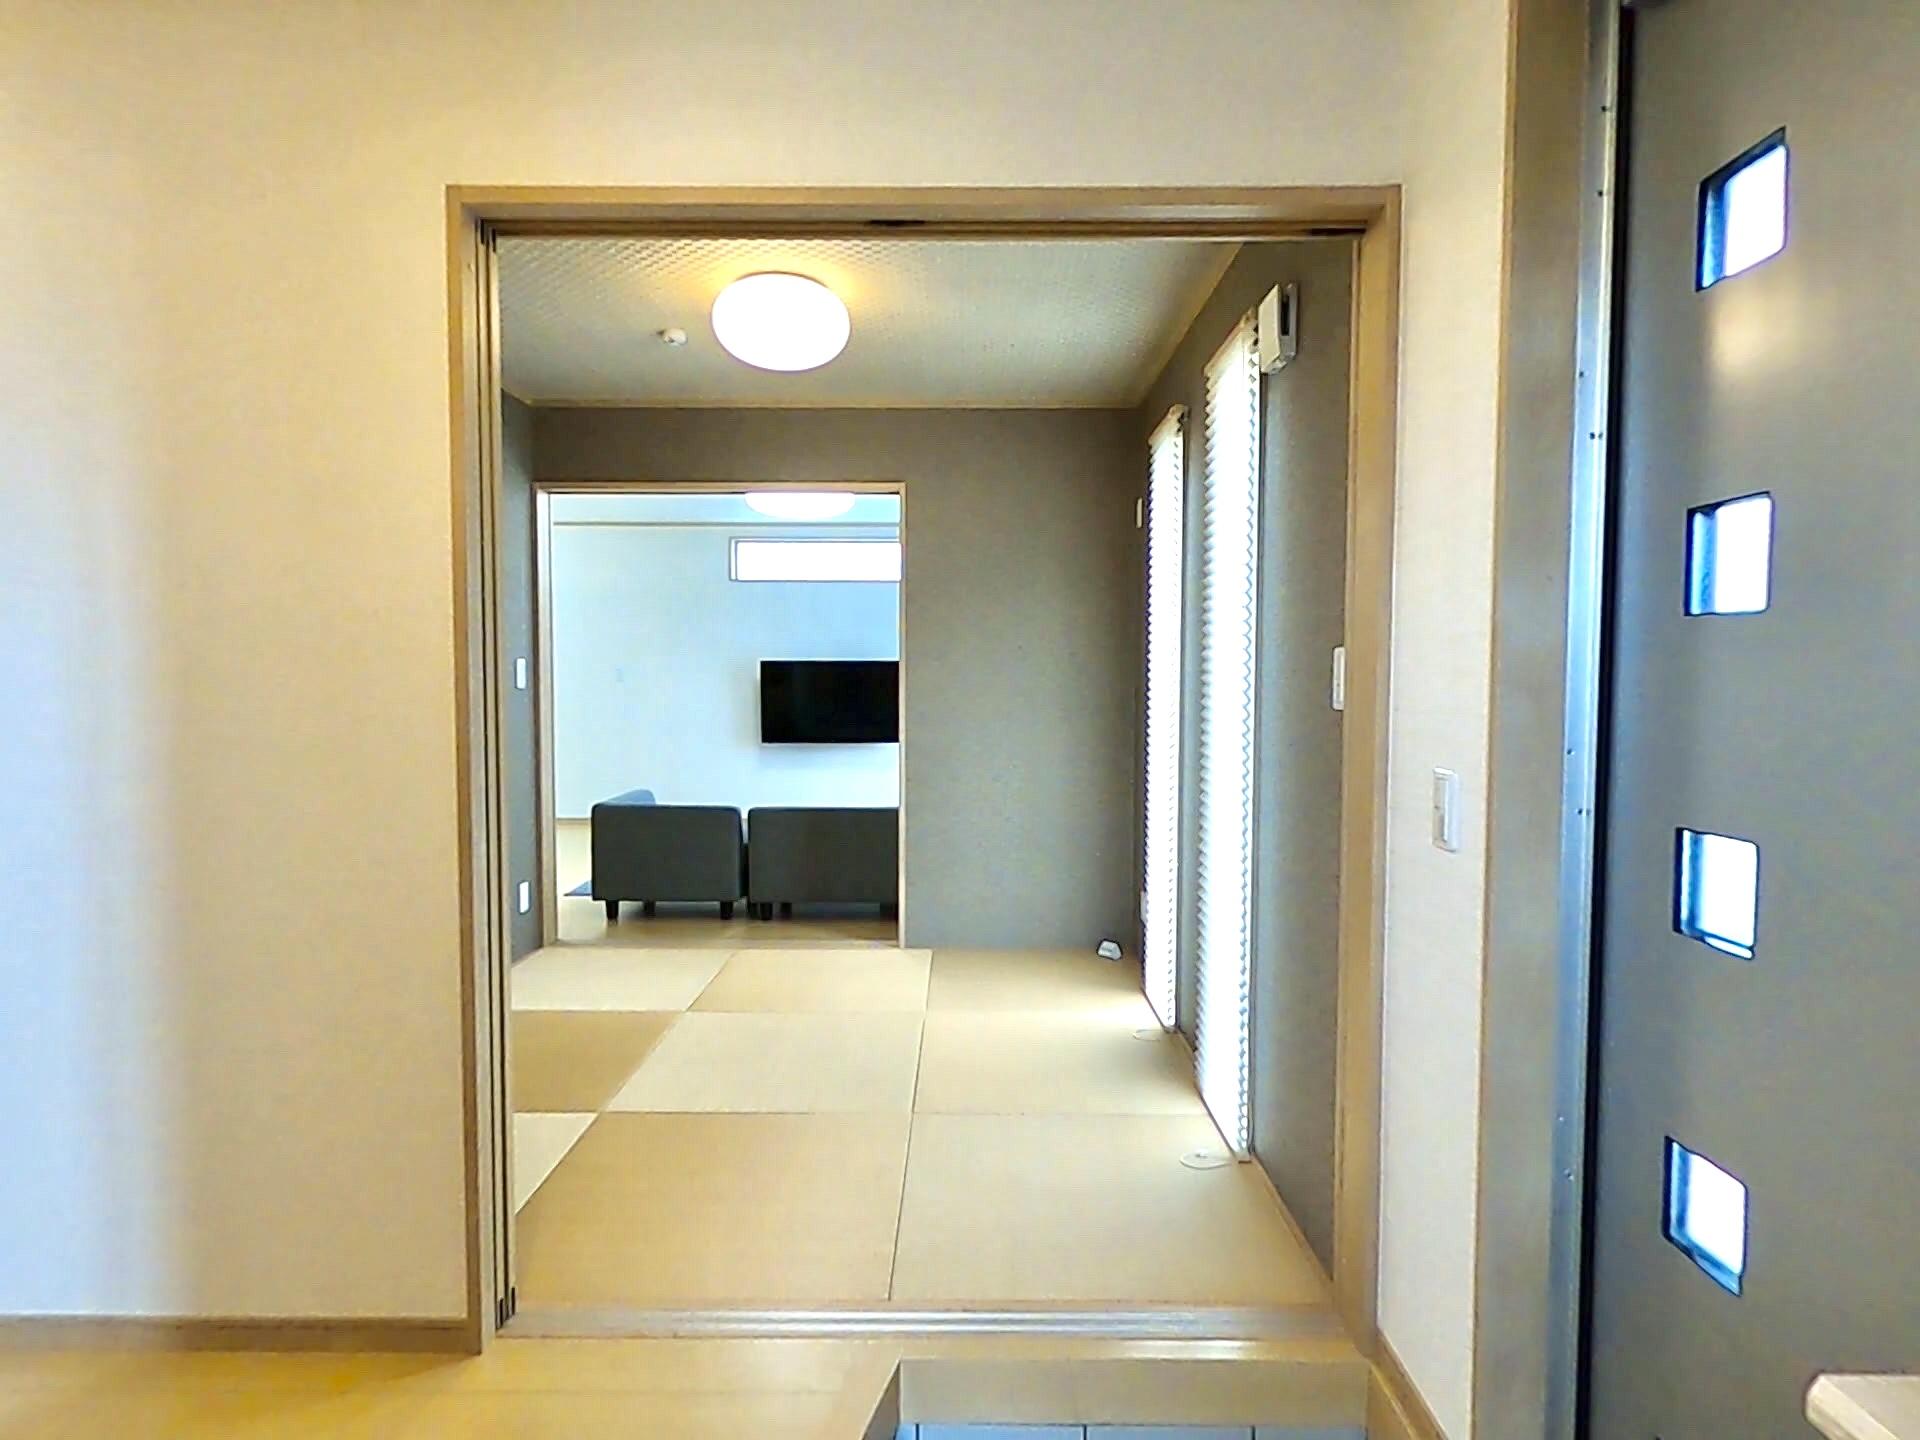 ハウジング松本【浜松市南区中田島町544-1・モデルハウス】玄関ホール先の和室。ここからリビングに一直線につながる